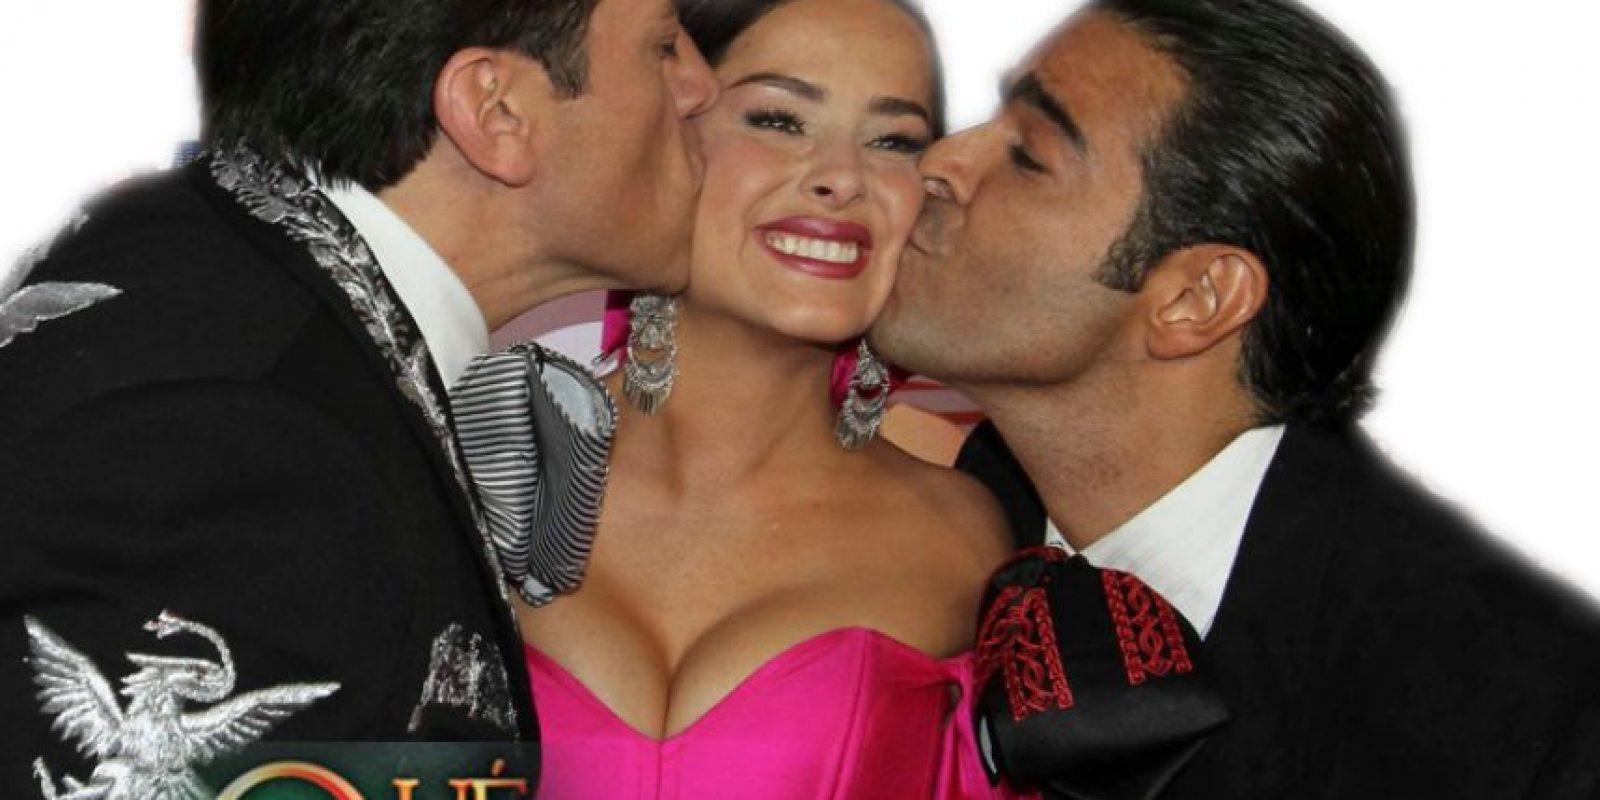 Se criticó que el guión estuviese enrevesado, ya que en la novela colombiana el protagonista se iba de México para Colombia y encontraba un refugio. Acá huye de Estados Unidos a México. Foto:vía Televisa